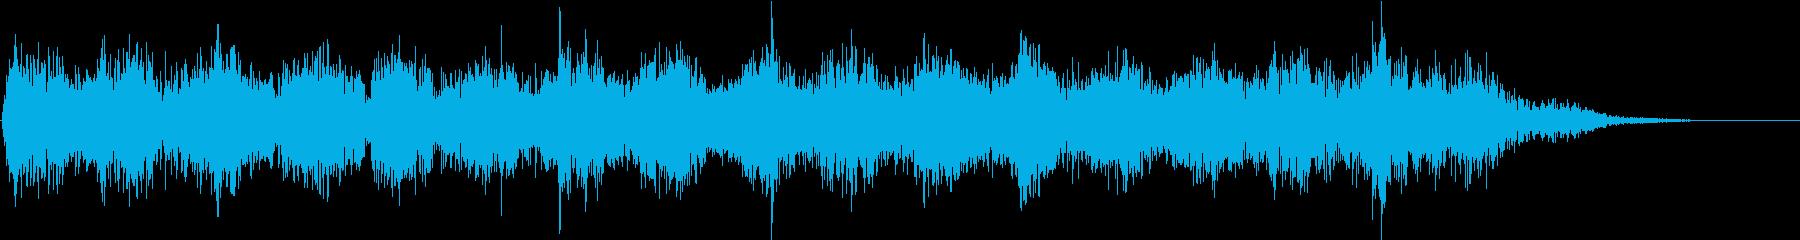 時空を越えていく不思議な音の再生済みの波形